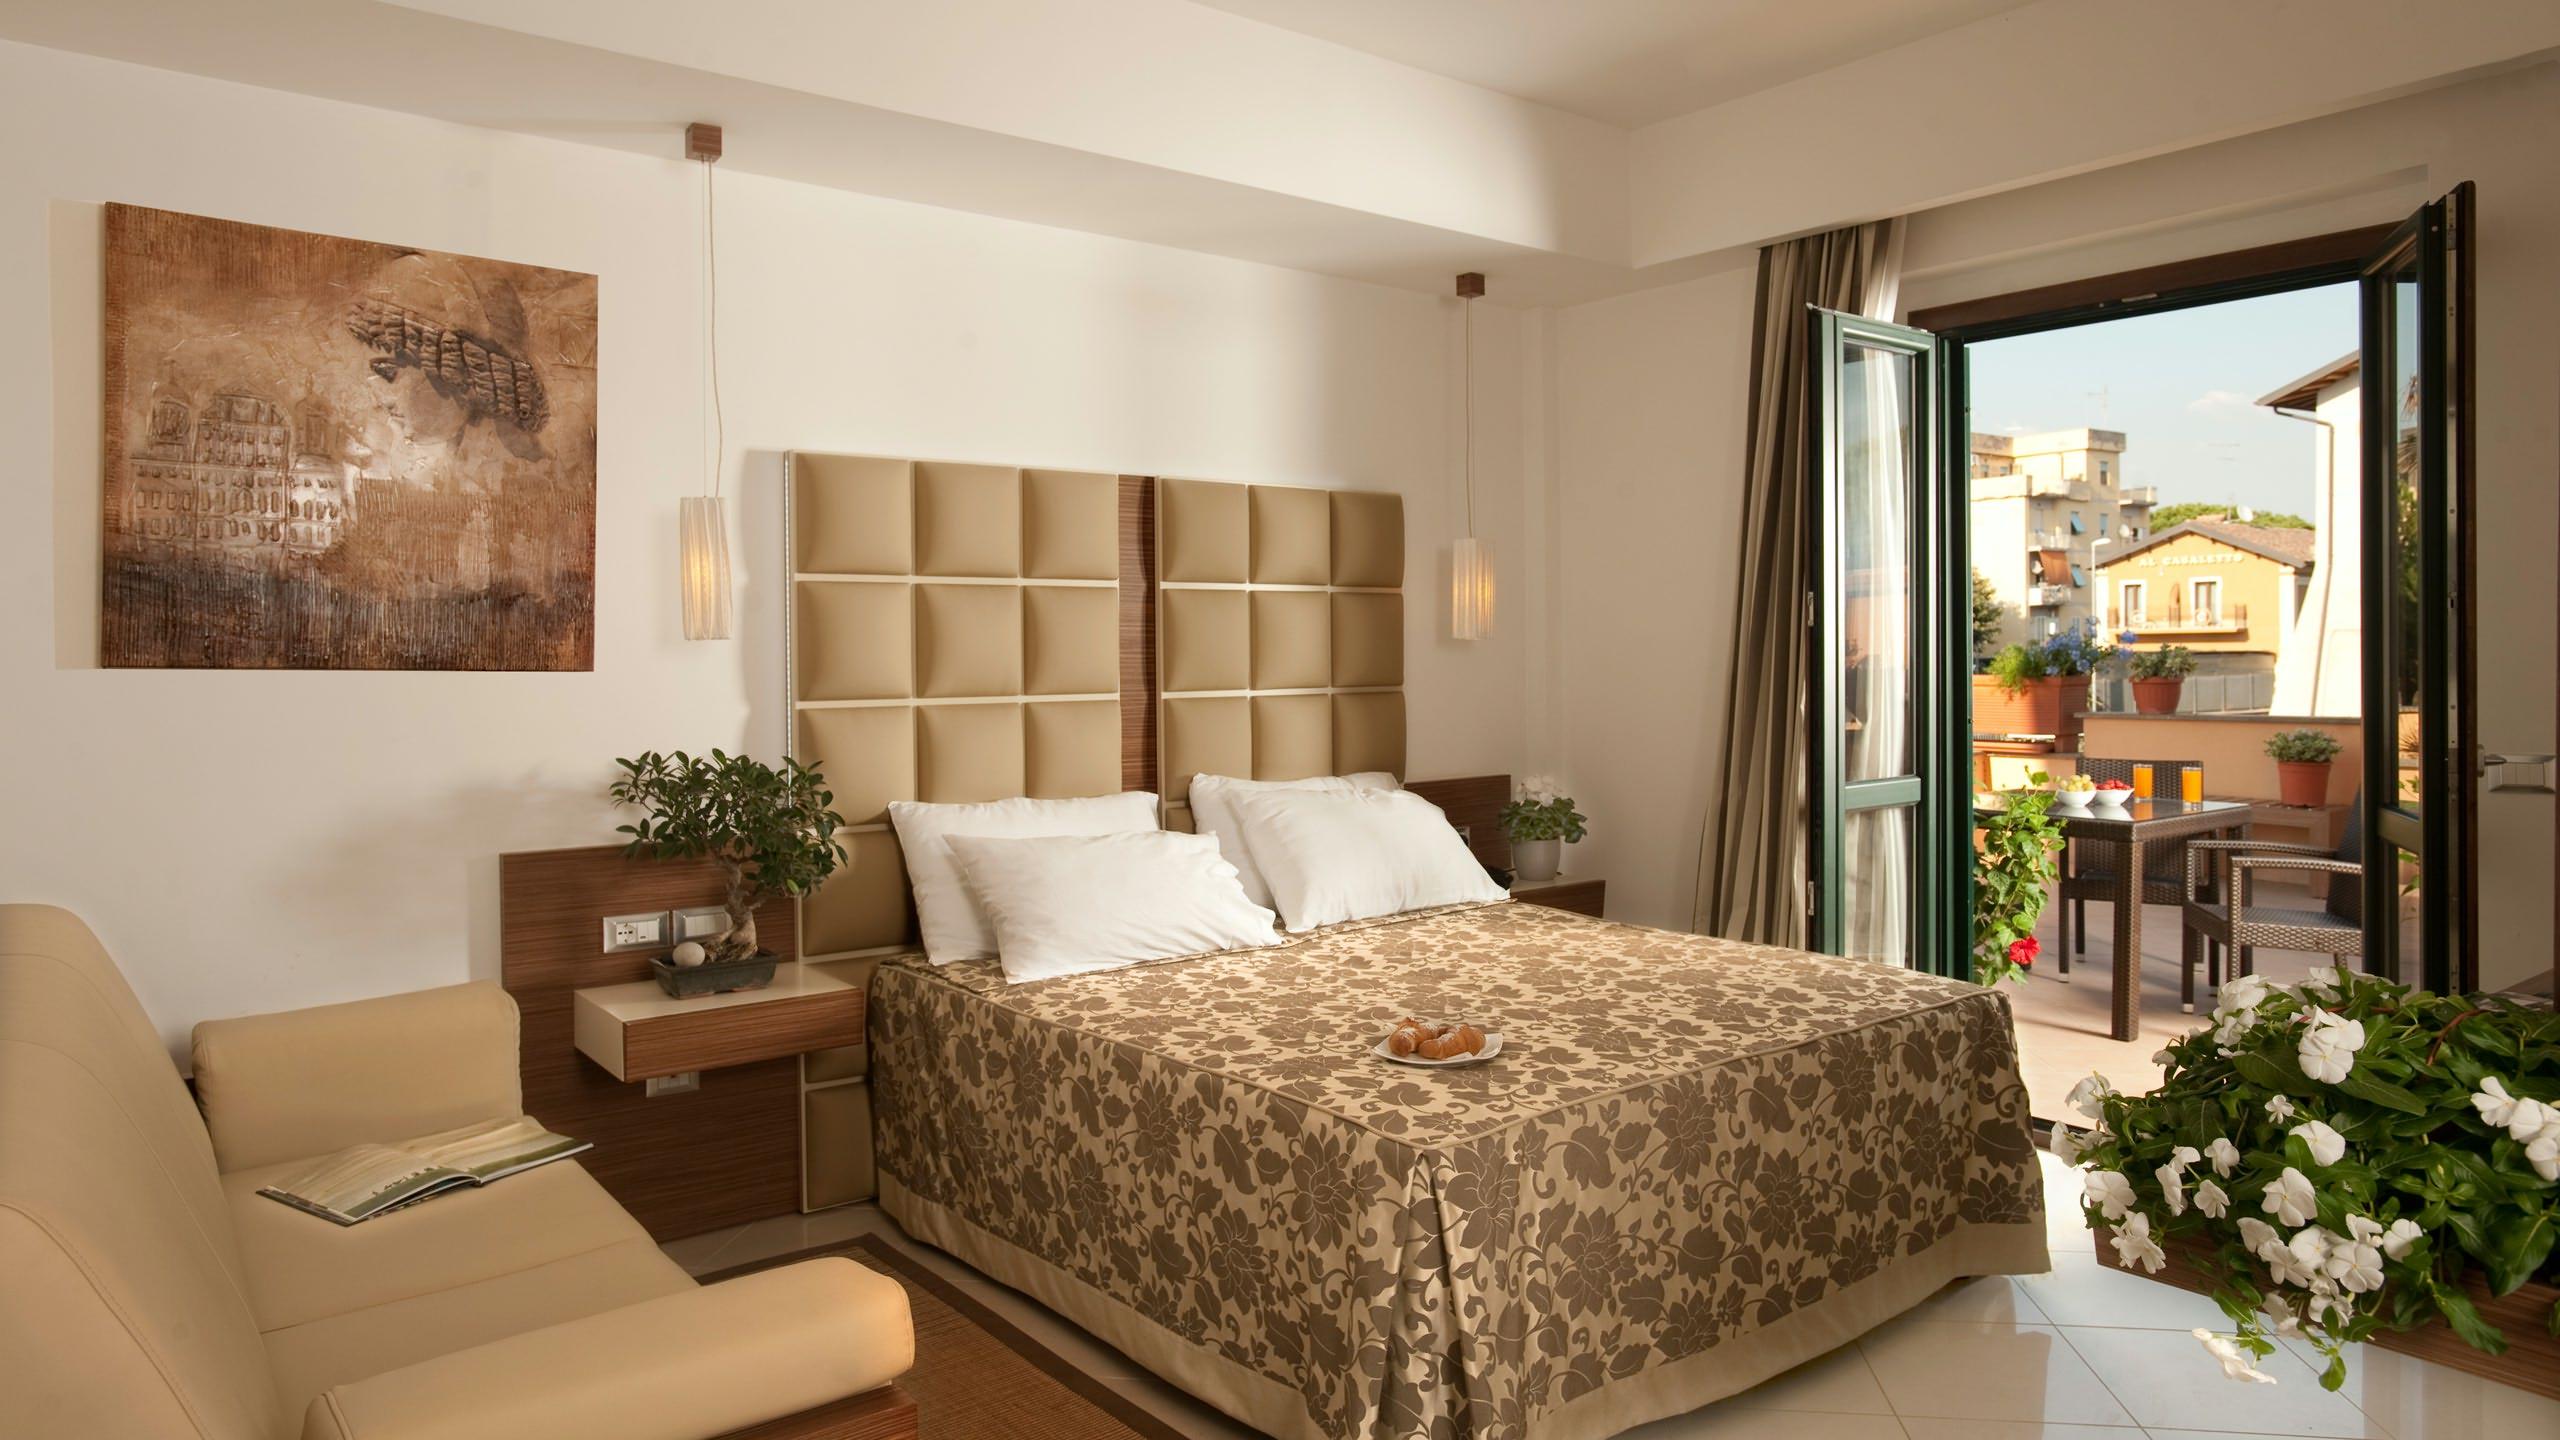 oc-hotel-roma-camere-0009